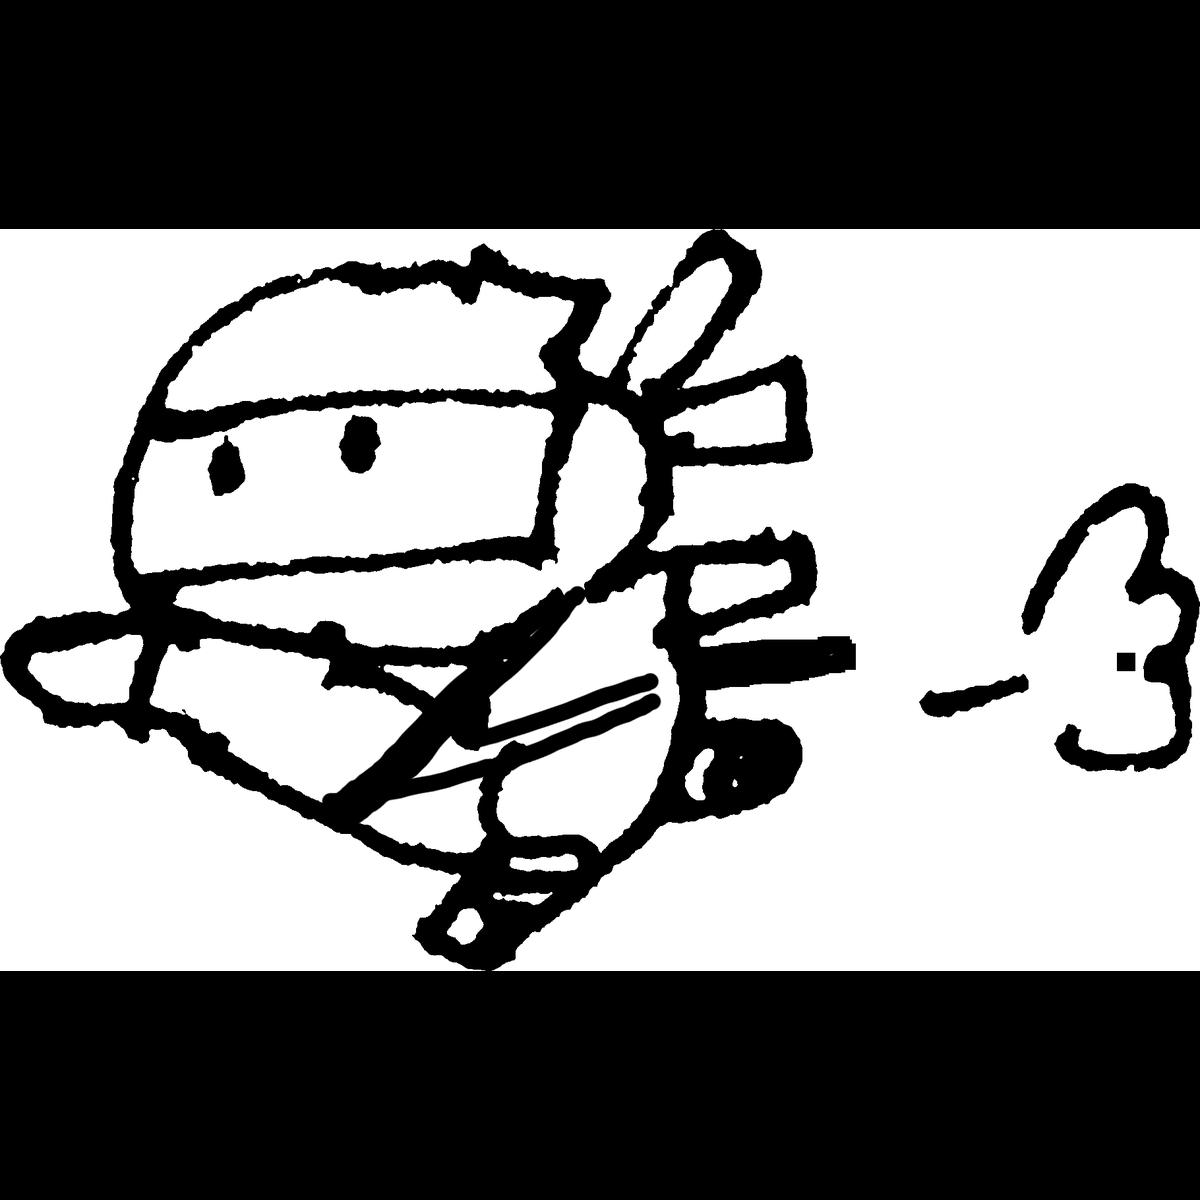 忍者走り2のイラスト Ninja Running2 Illust